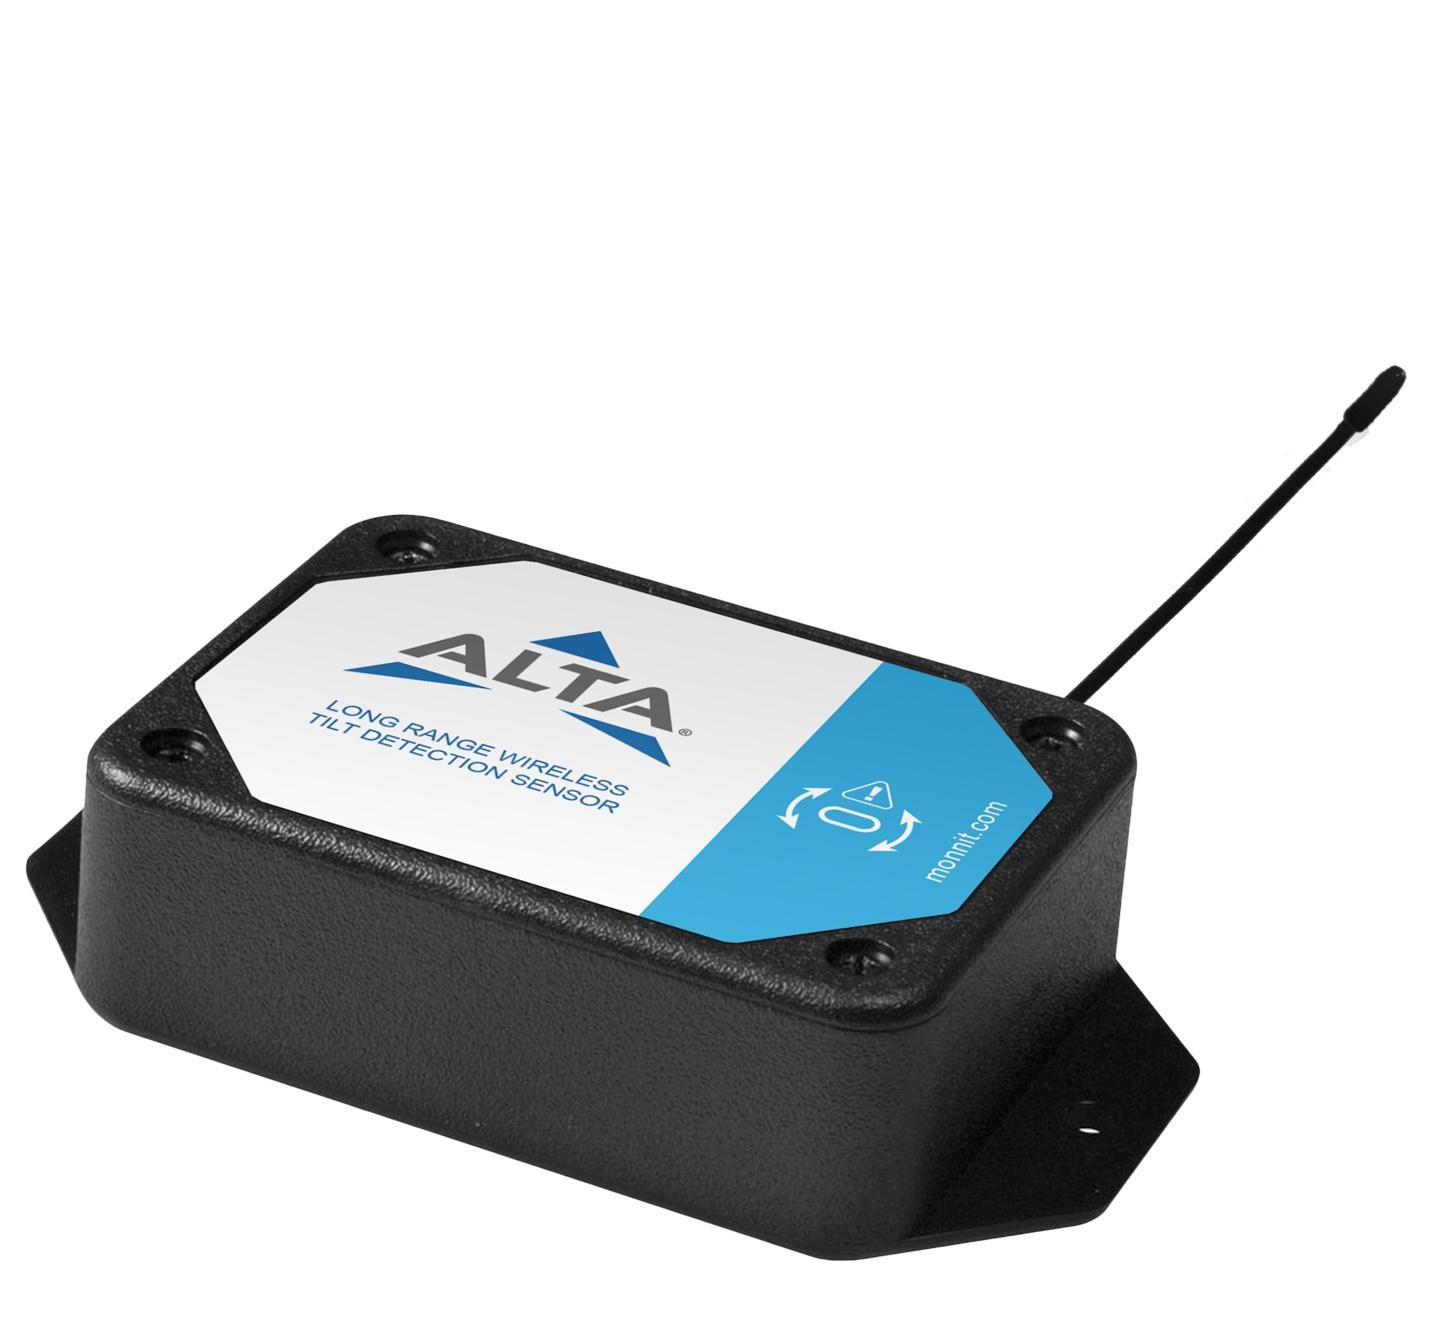 Wireless Accelerometer - Tilt Detection Sensor